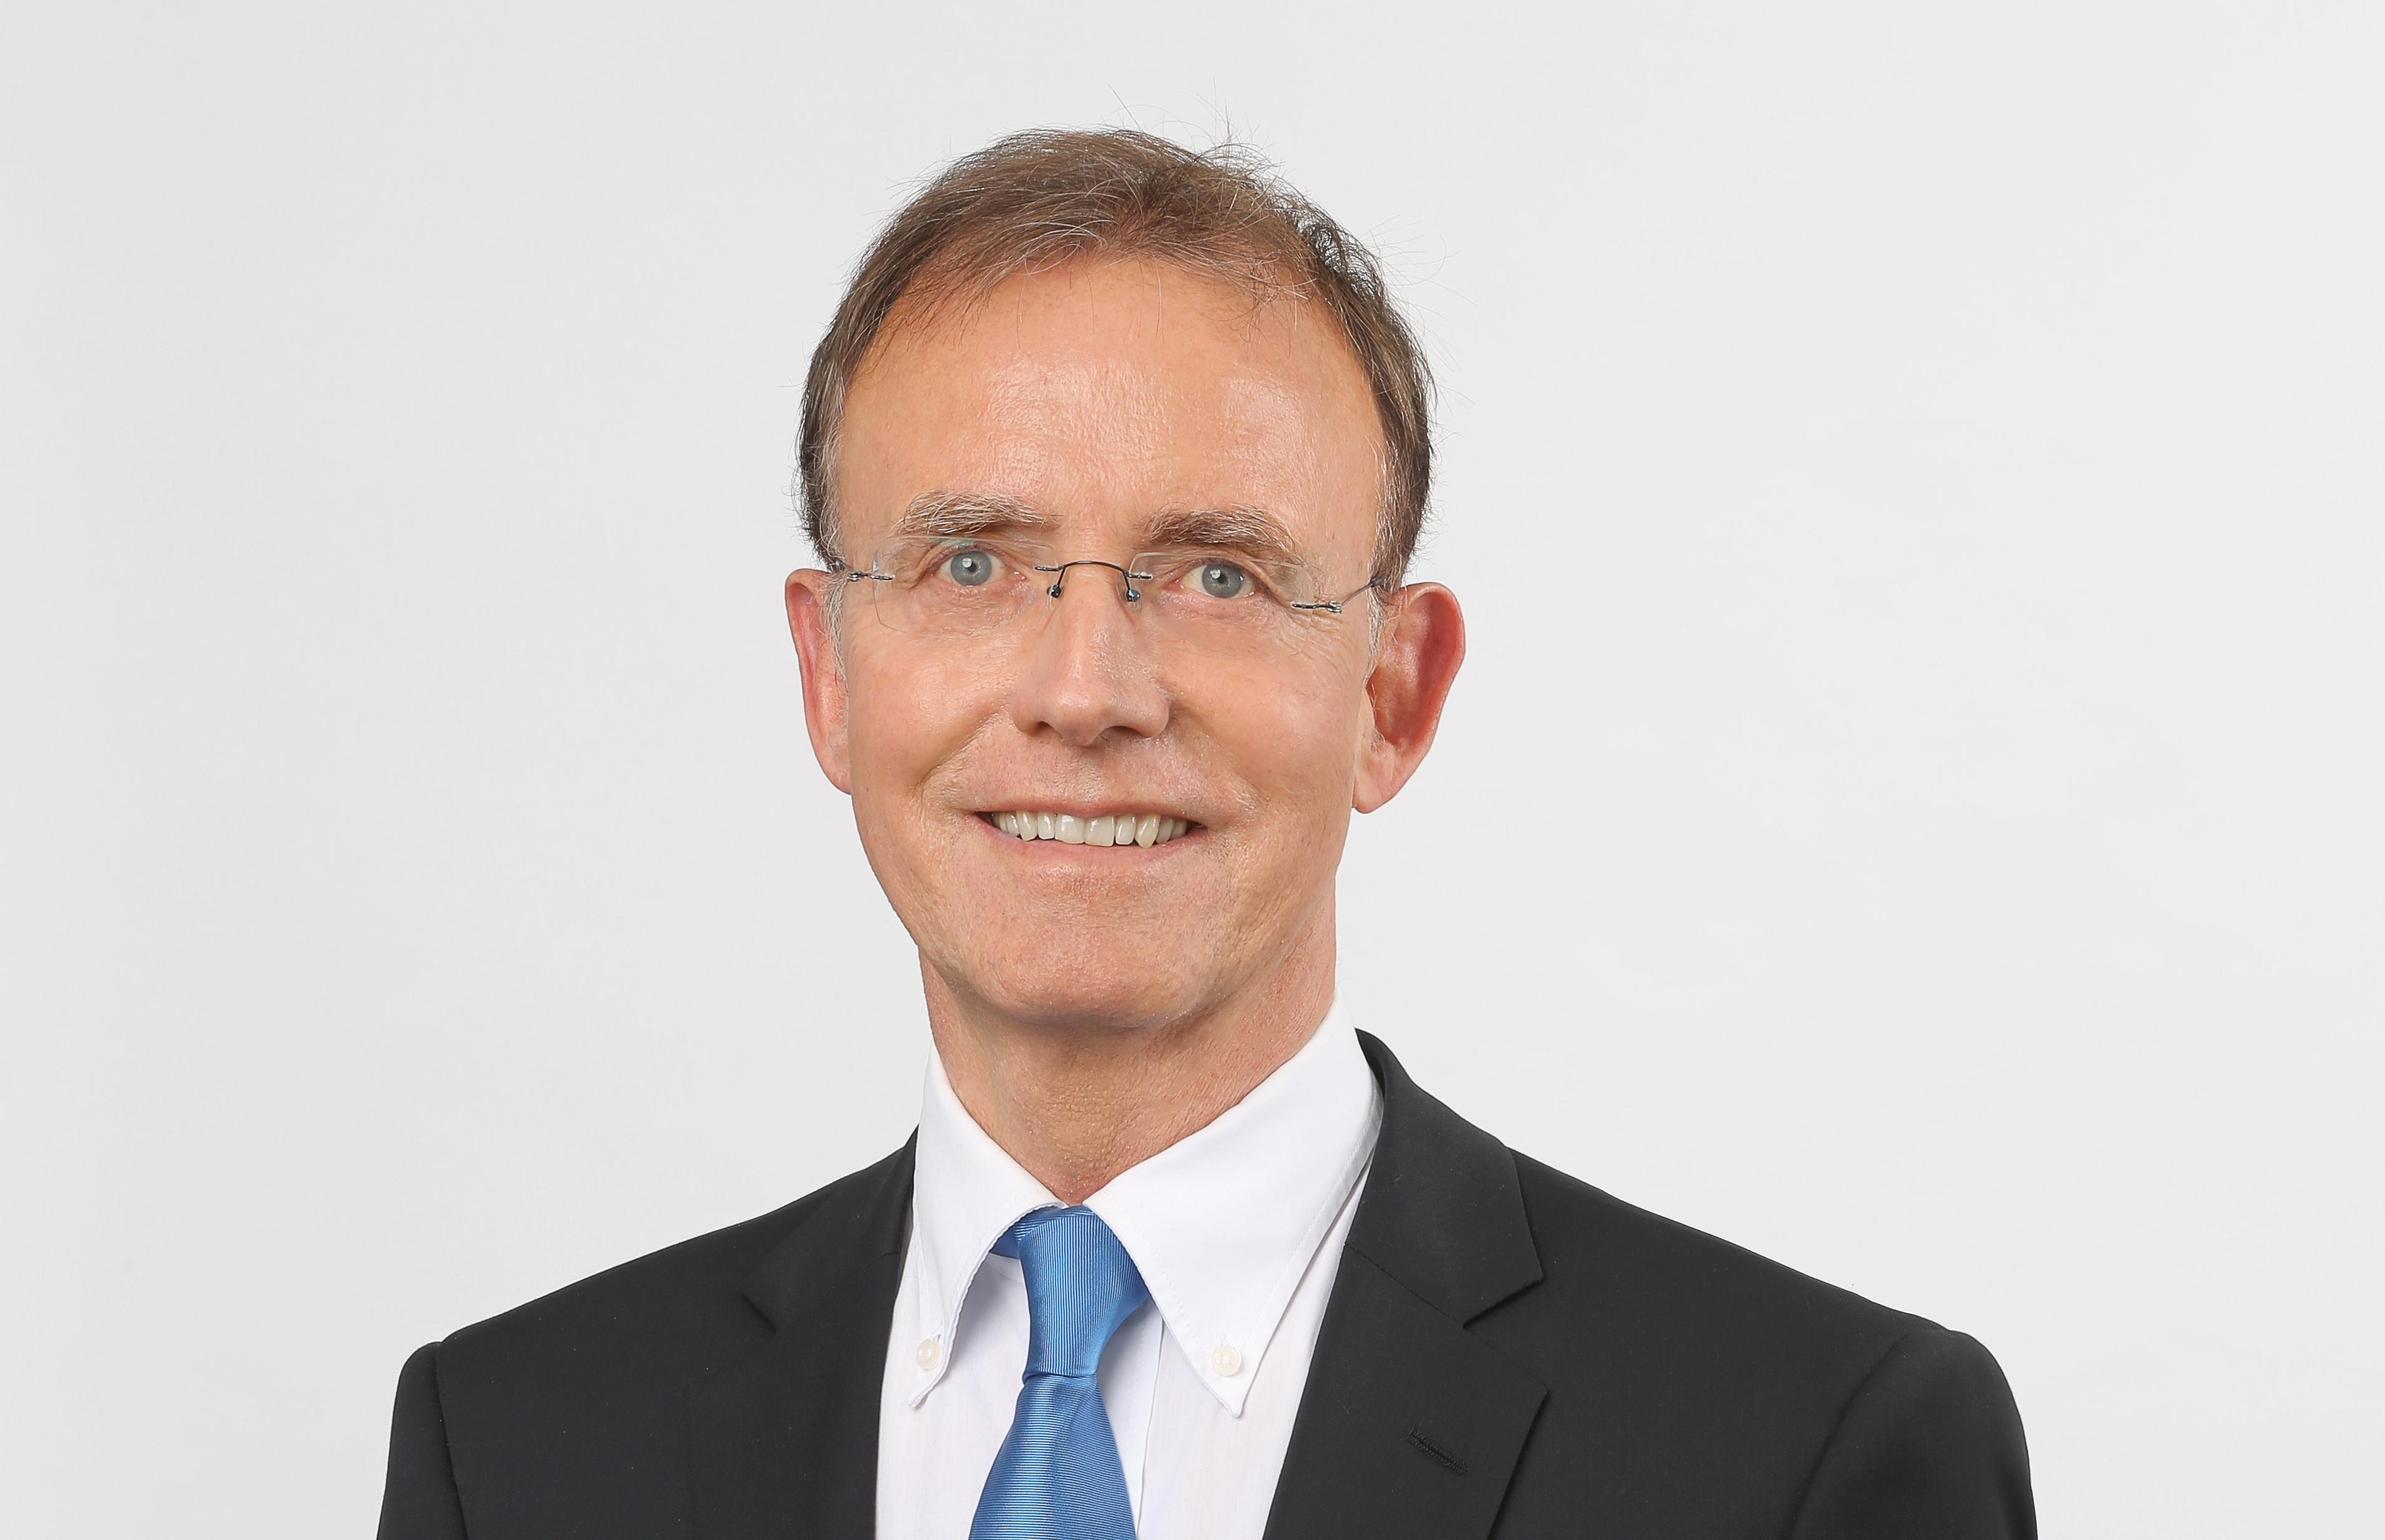 Gerd Landsberg über Digitalisierung